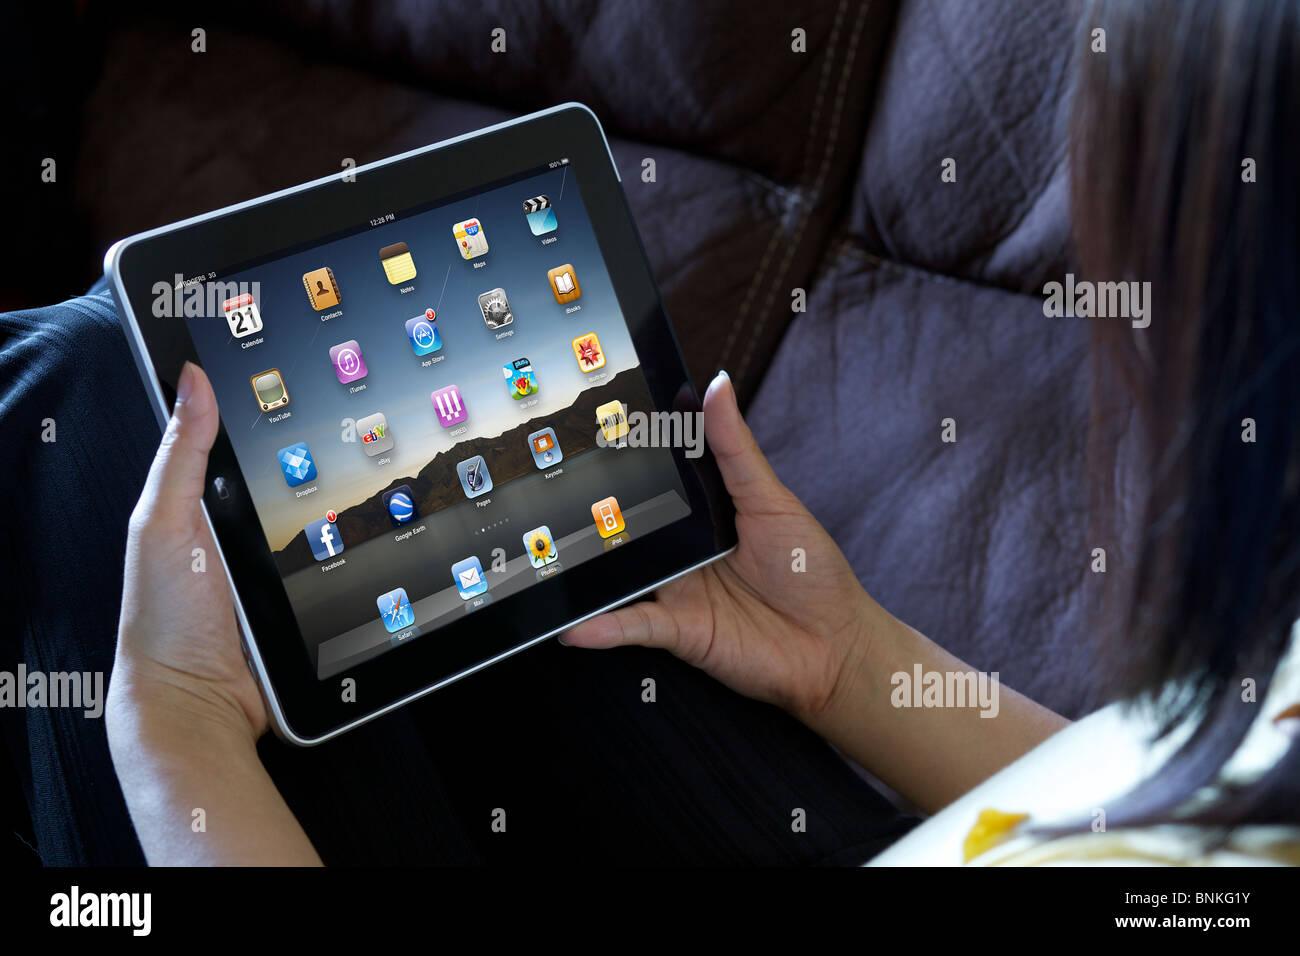 A woman relaxing montrant des applications iPad écran Photo Stock